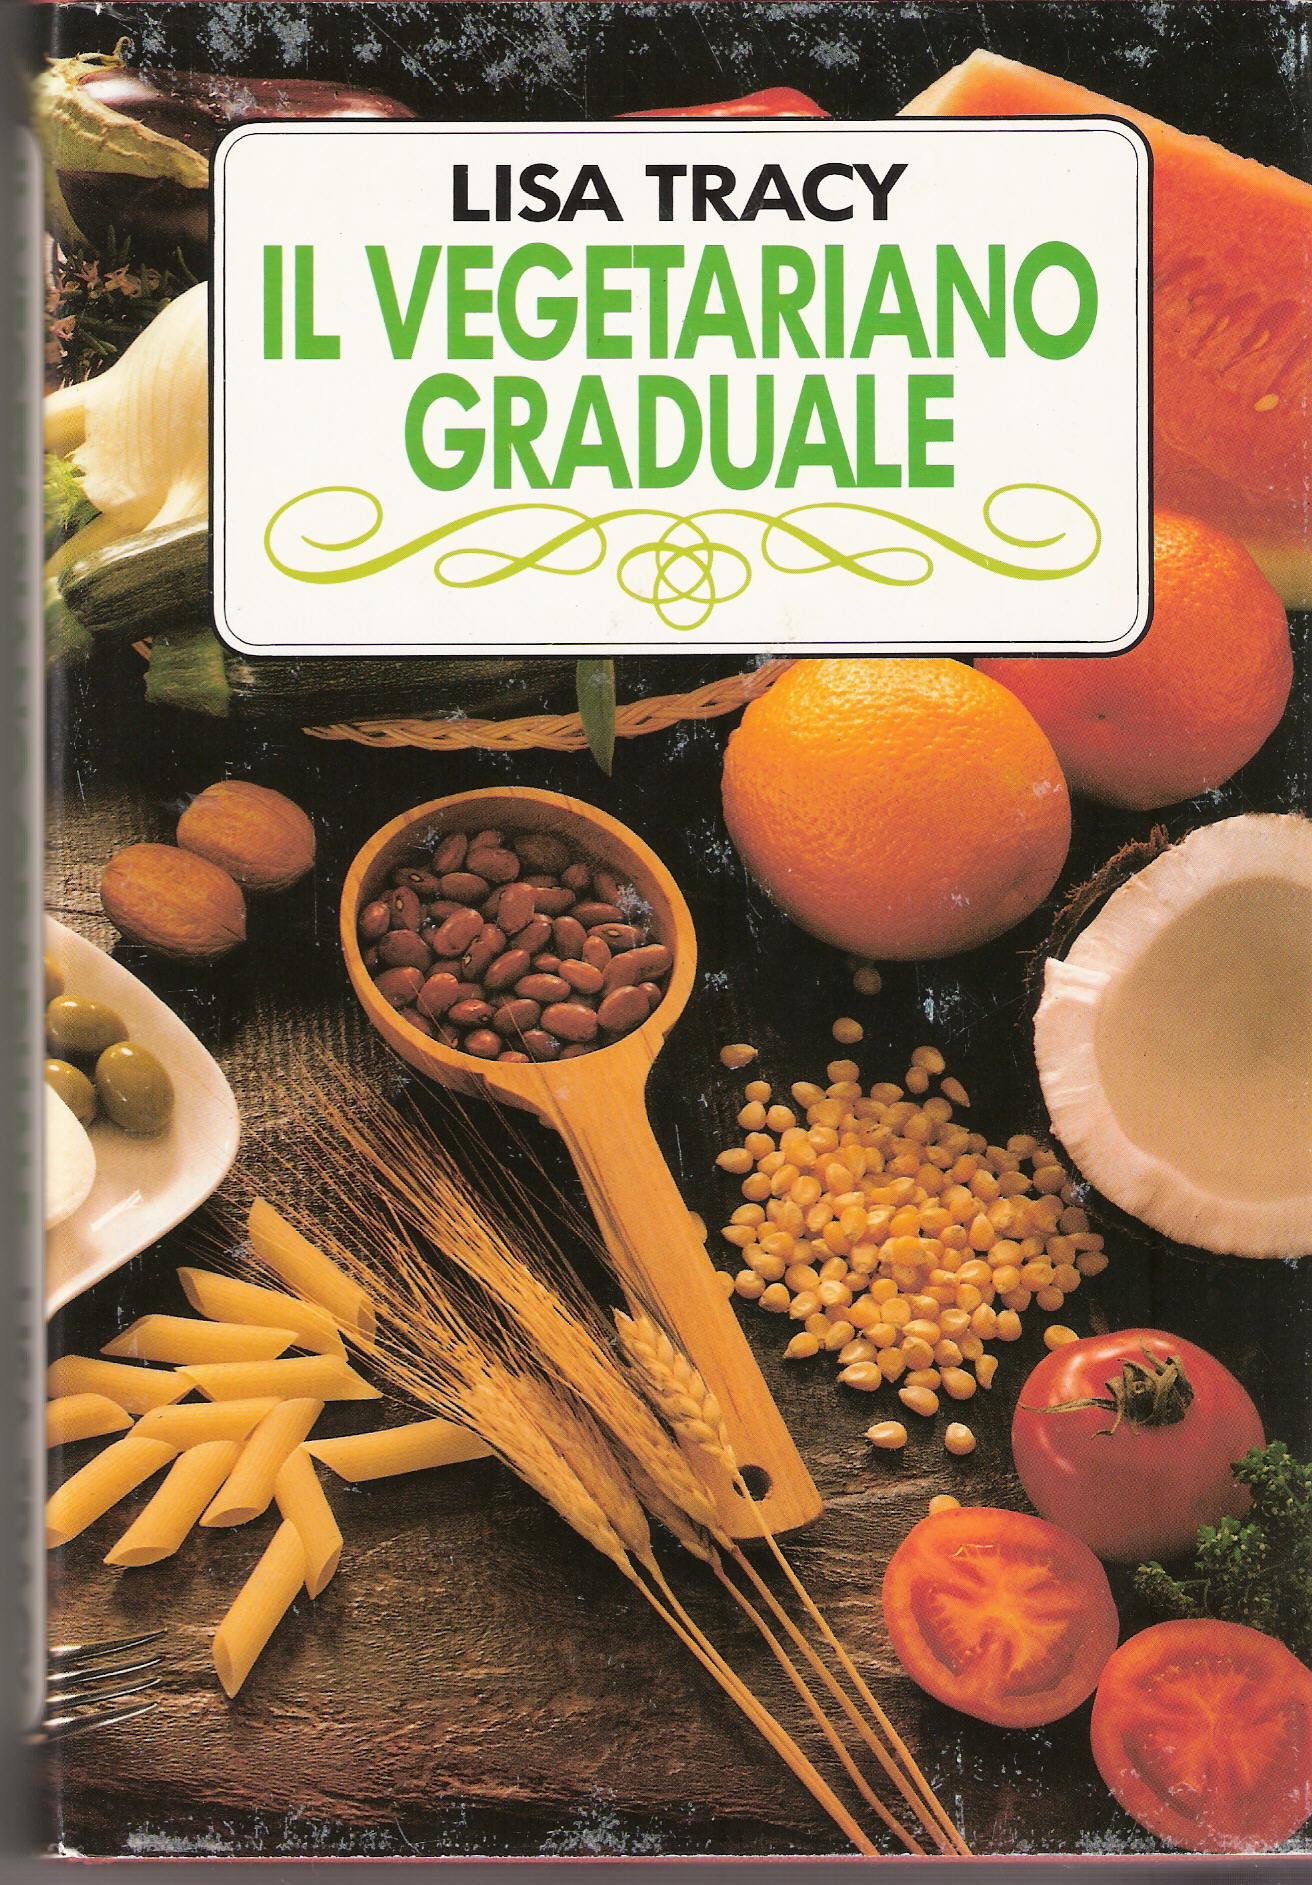 Il vegetariano graduale